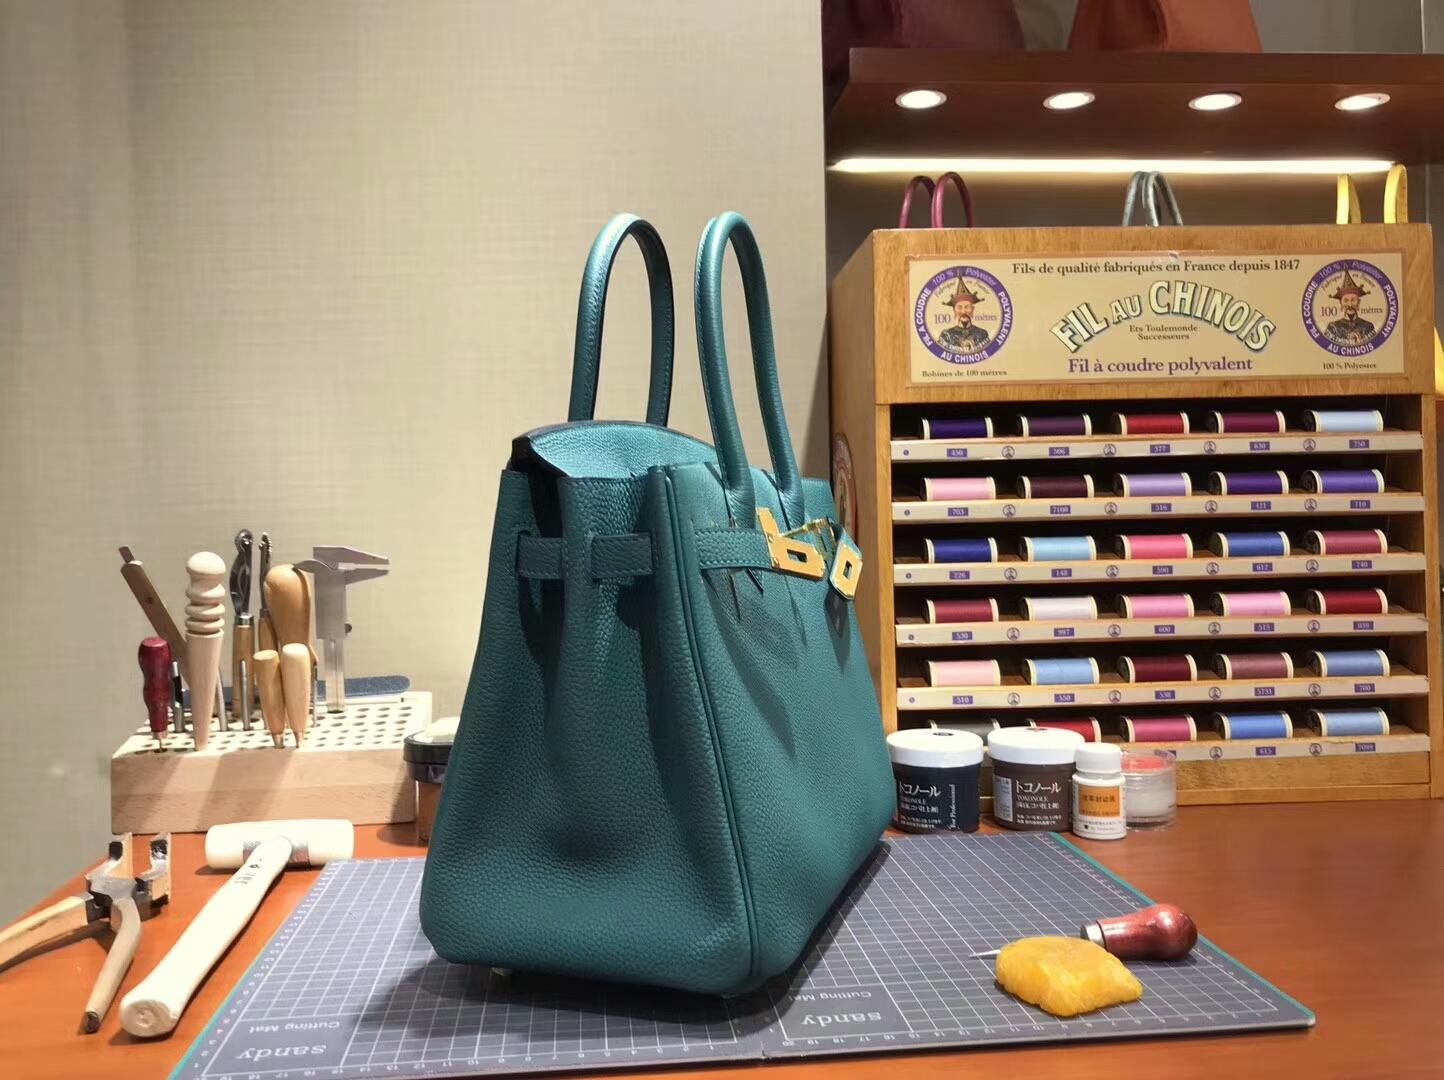 爱马仕 HERMES 铂金包 Birkin 30cm 配全套专柜原版包装 全球发售 6Q翡翠绿 Vert Emeraude